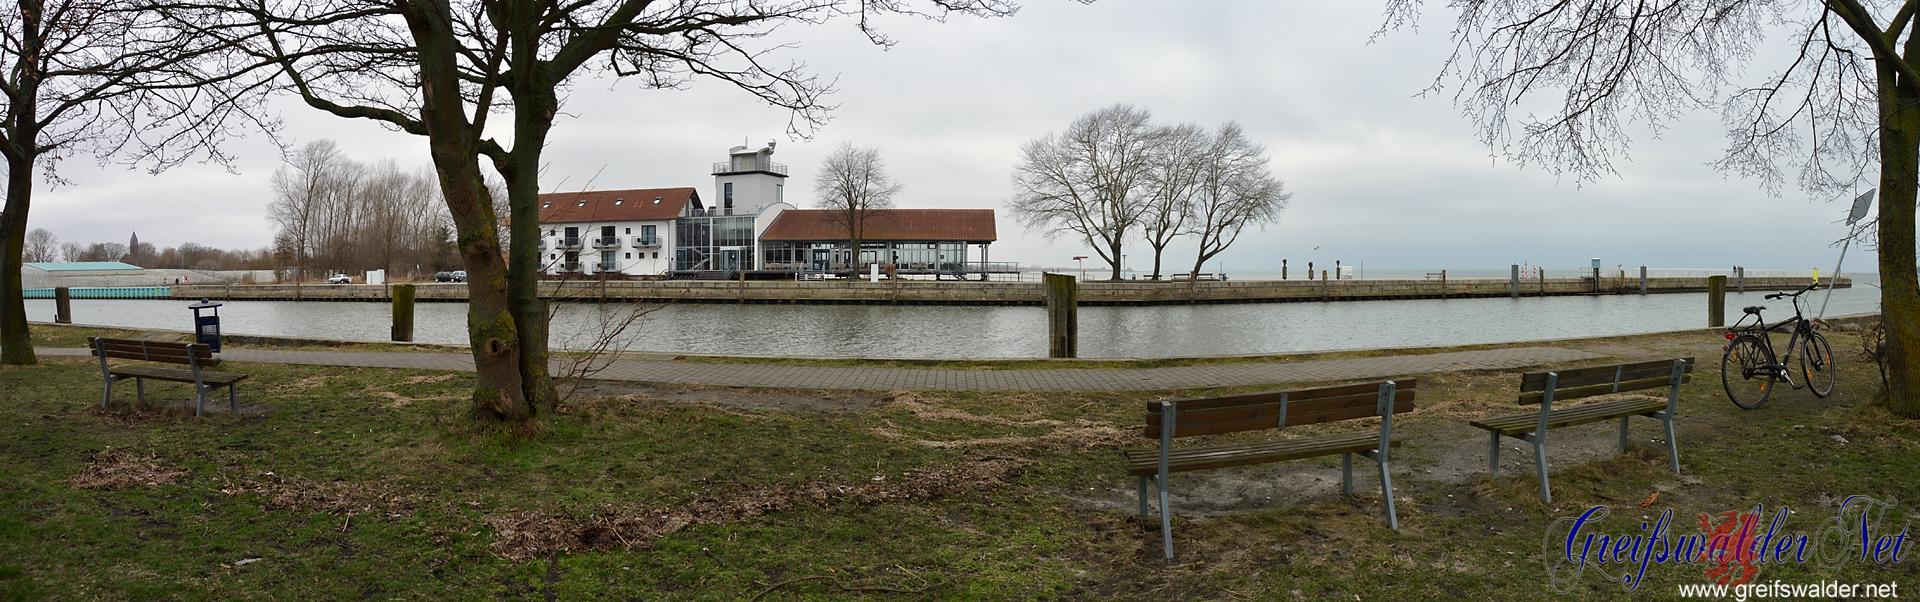 Utkiek und Mole in Greifswald-Wieck